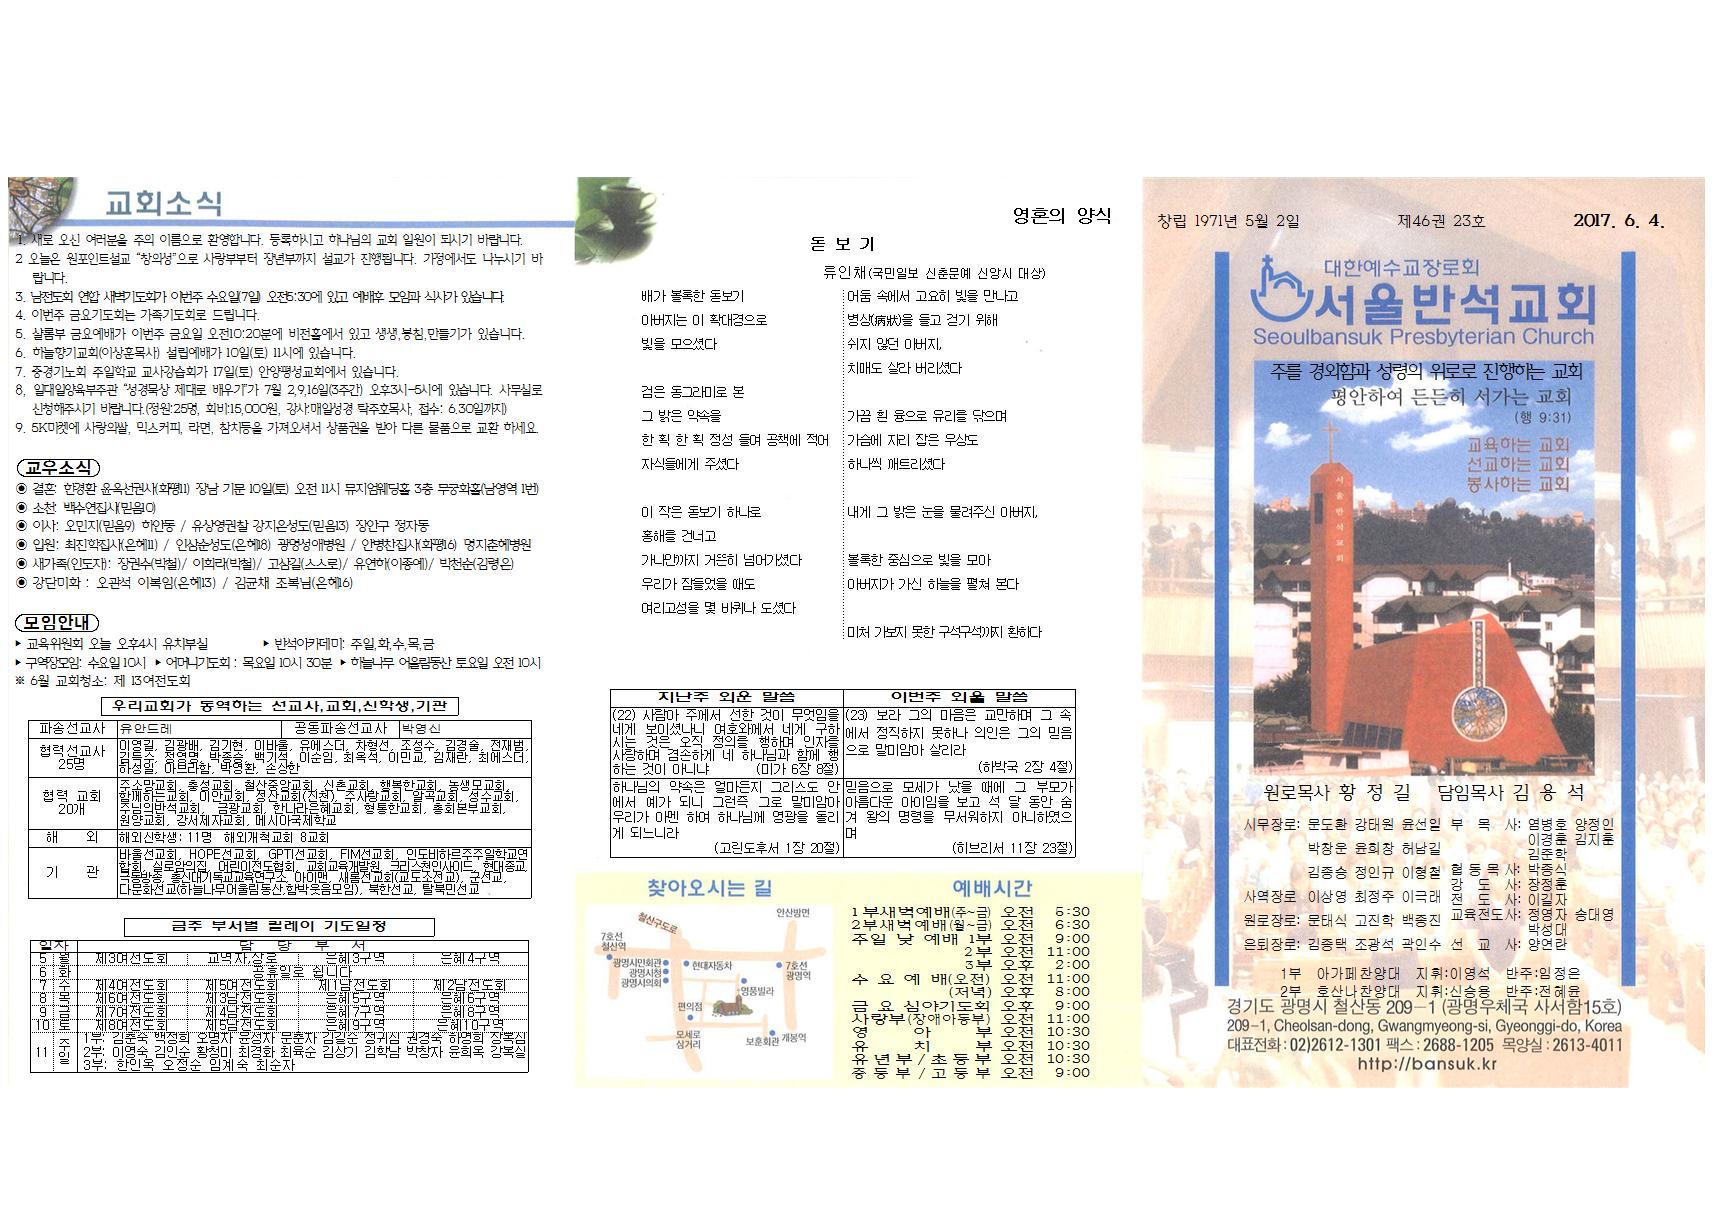 주보 제46권 23호(2017.06.04)